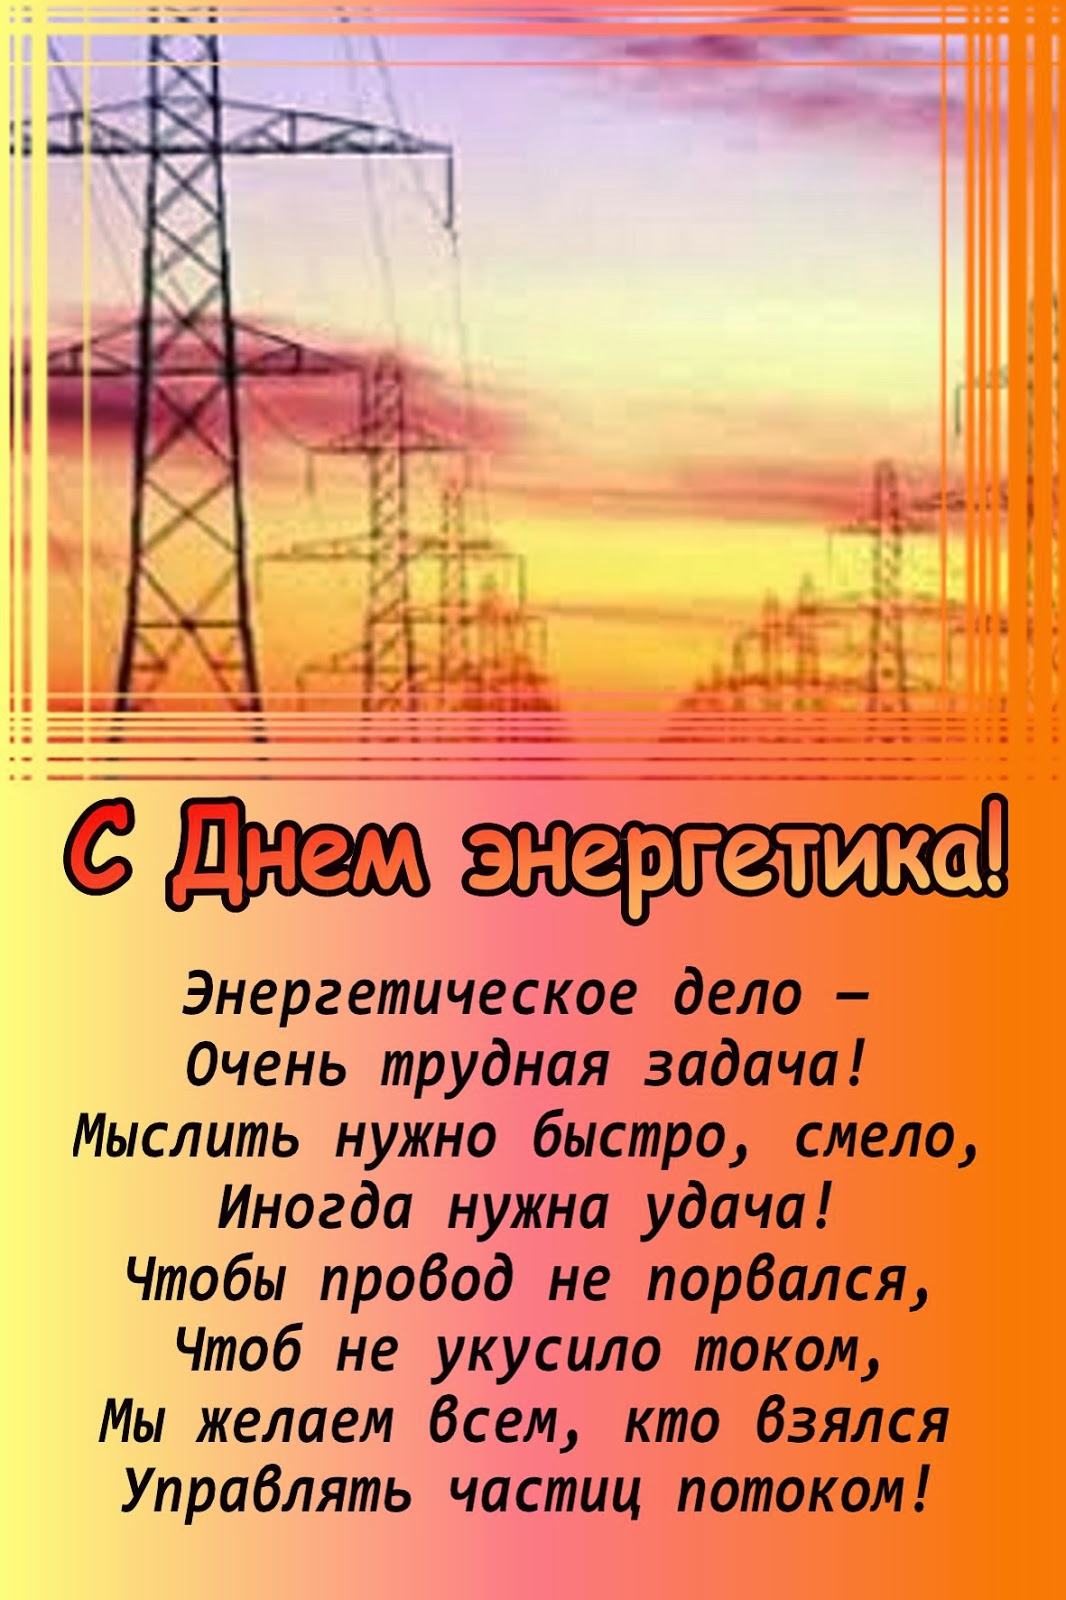 День энергетика профессиональный праздник , открытки с поздравлениями. День энергетика профессиональный праздник , открытки с поздравлениями с праздником энергетиков , с днём энергетика , в стихах ,добрые пожелания ко дню энергетика